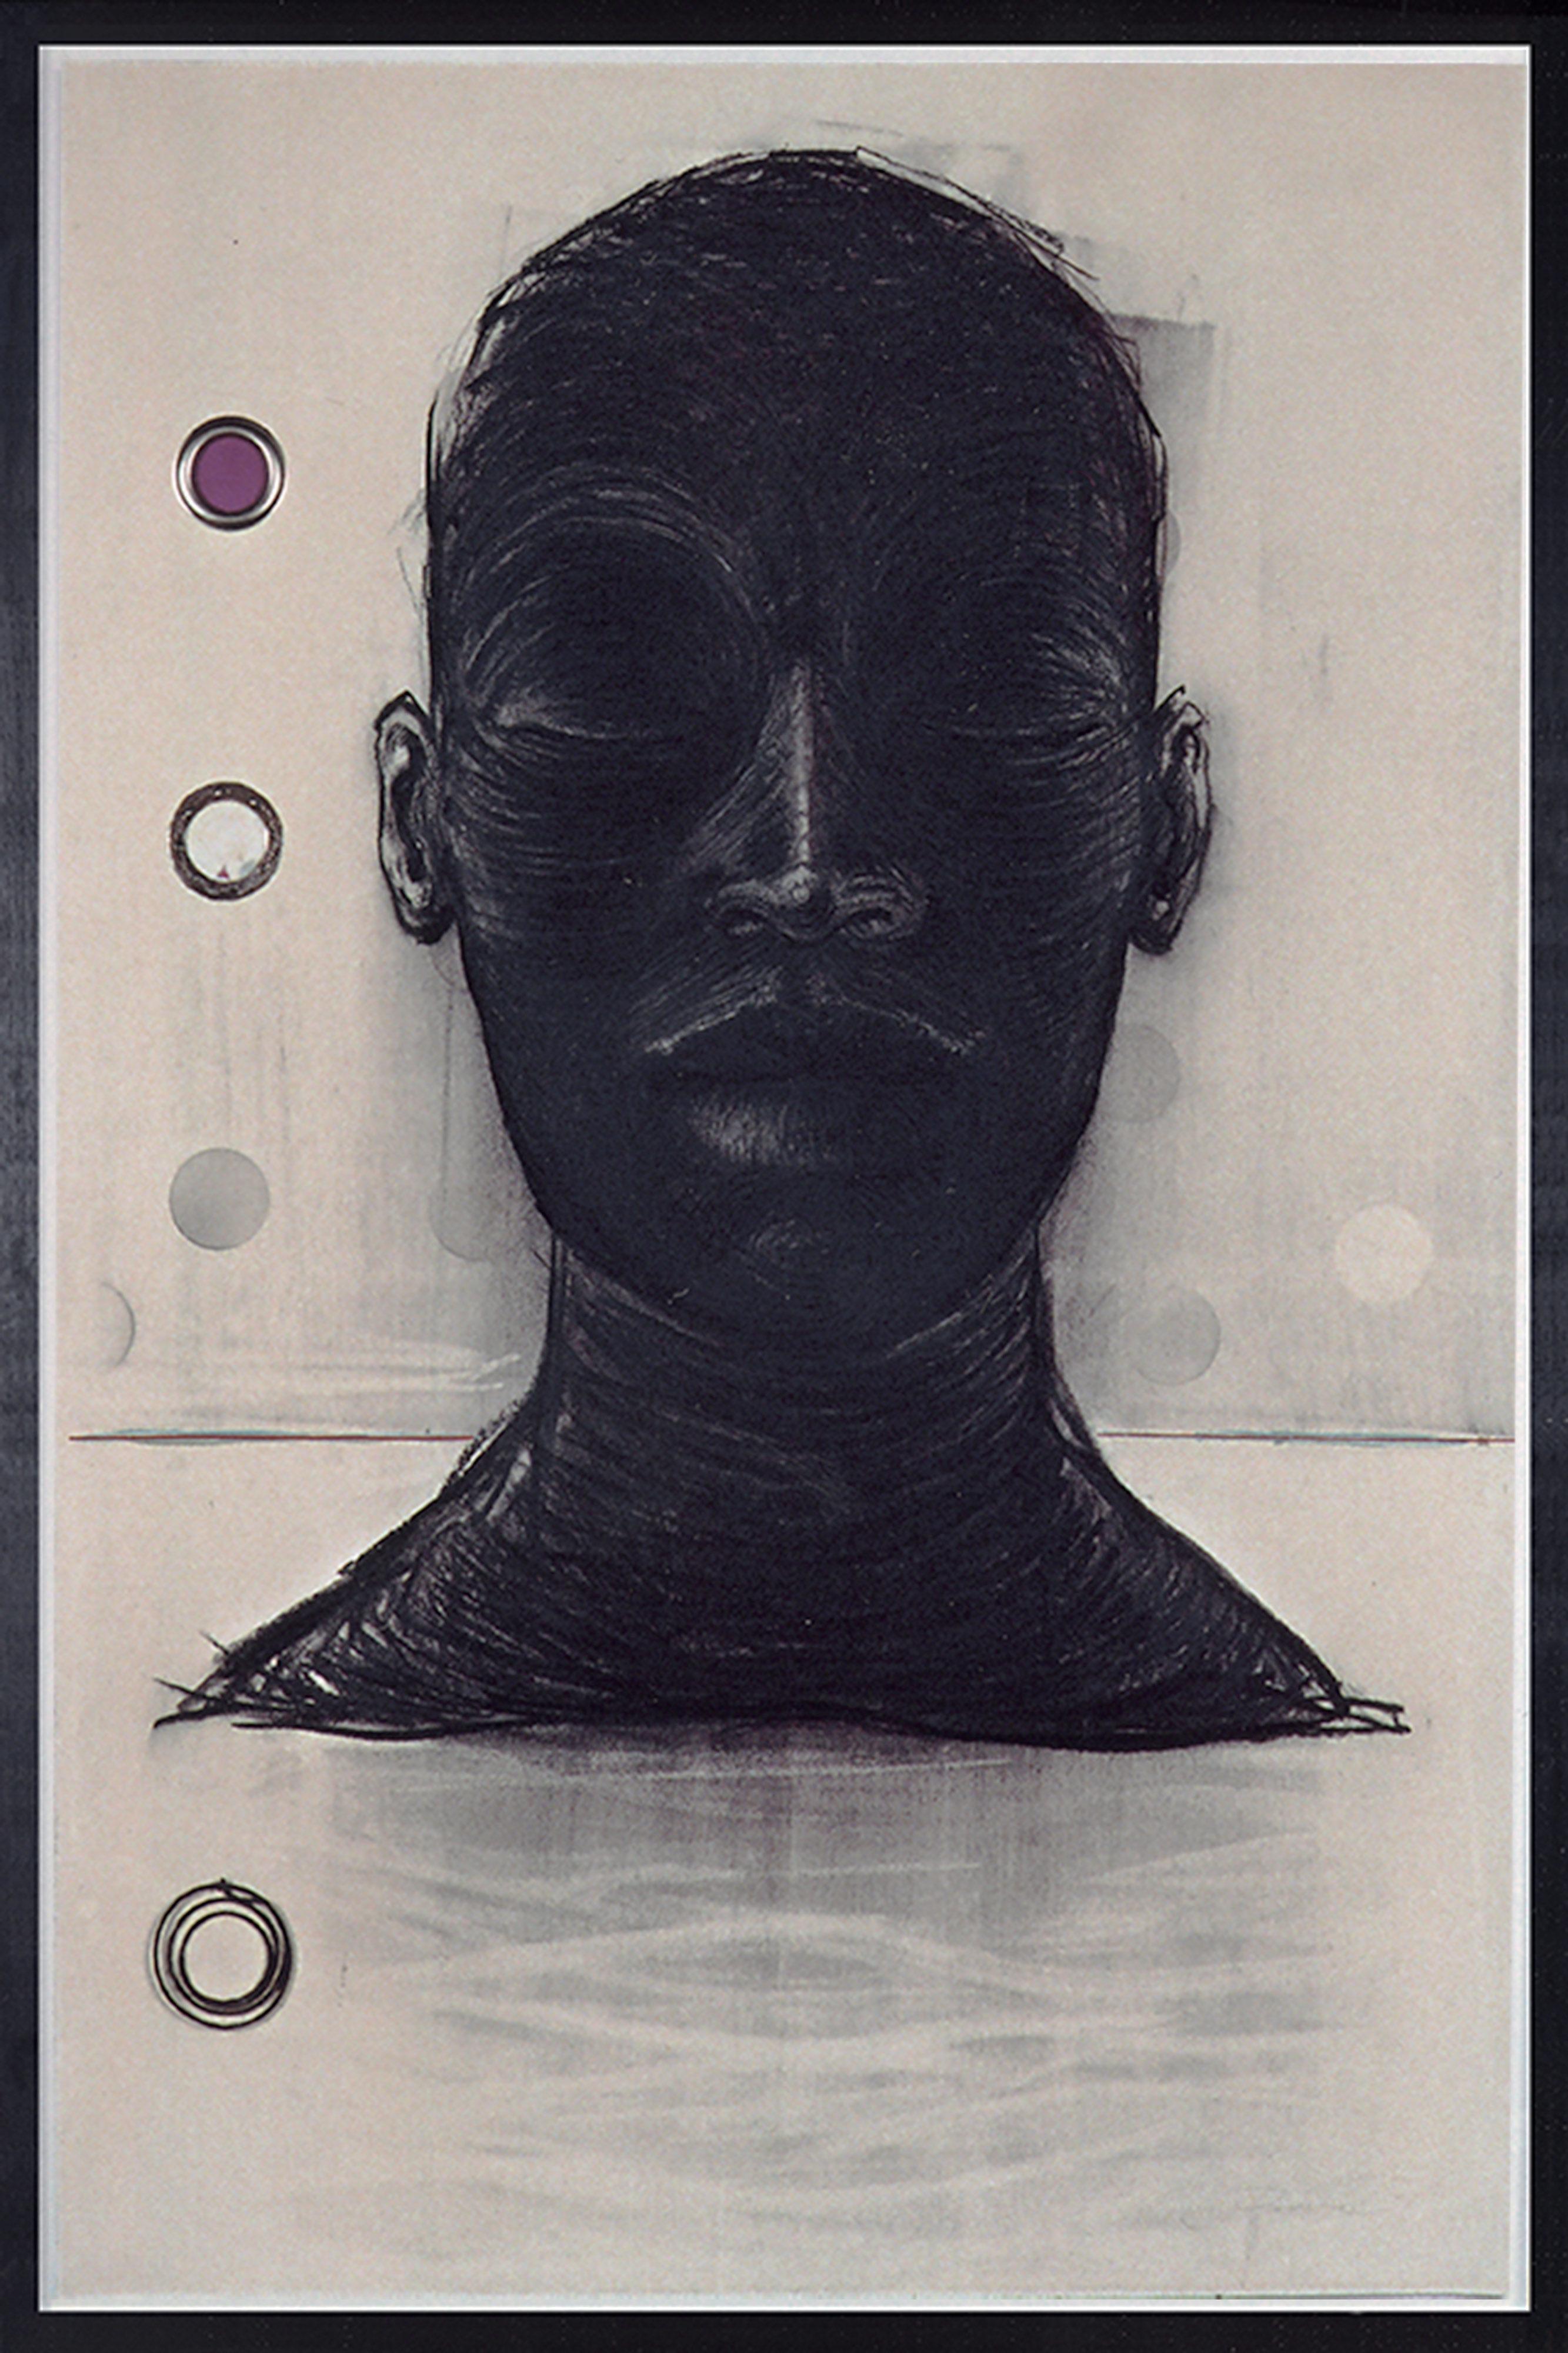 DECREME_continent-VII_fusain-tissu-et-metal-sur-papier_80x120_2004